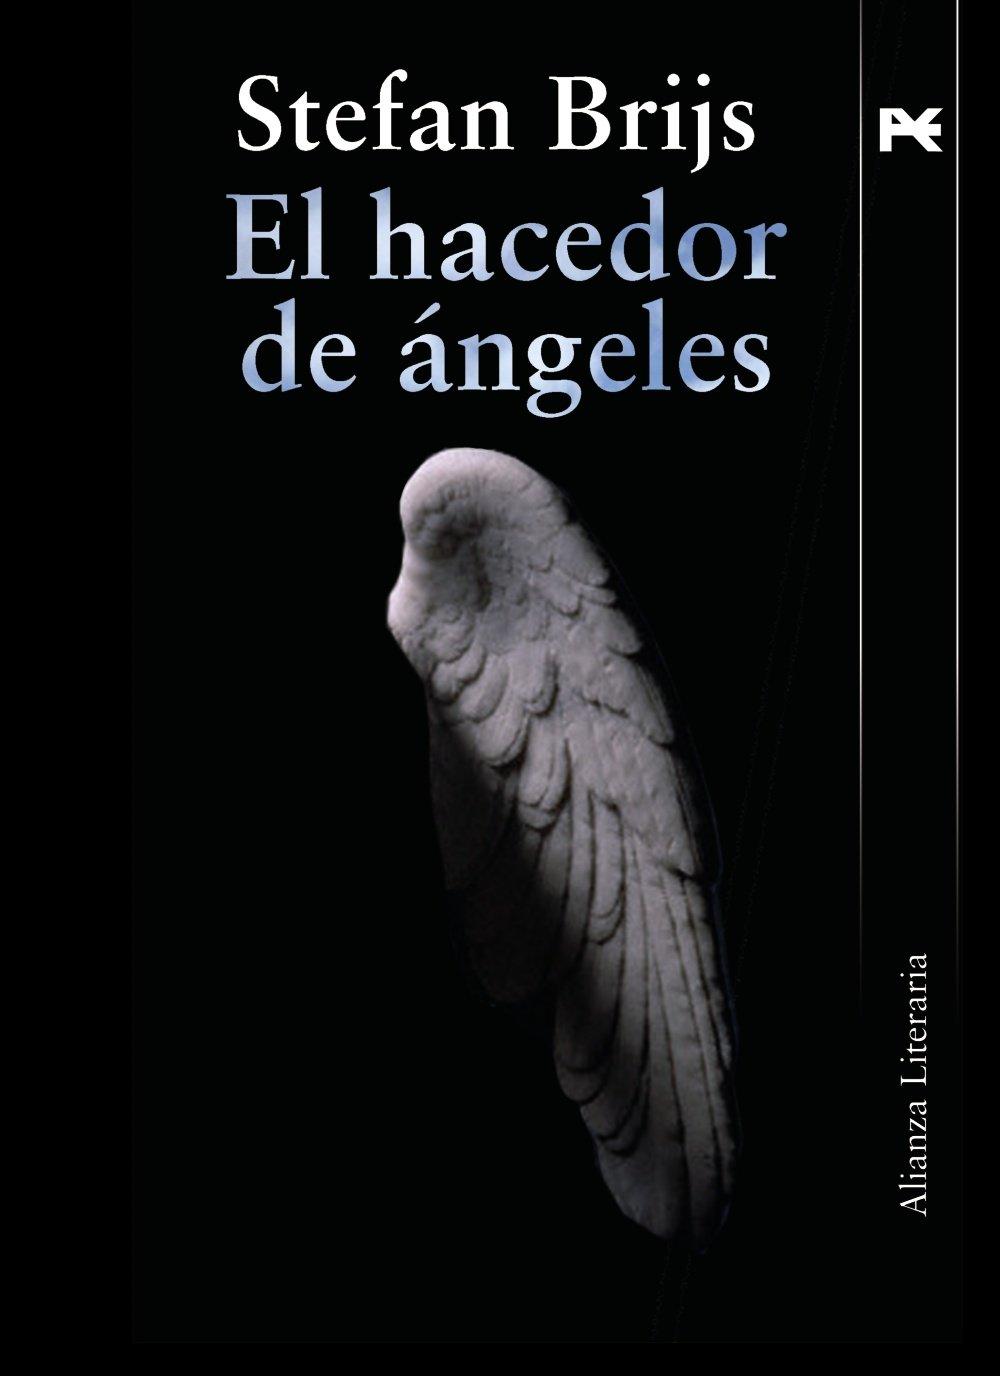 El hacedor de ángeles (Alianza Literaria (Al)): Amazon.es: Stefan Brijs, Julio Grande Morales: Libros